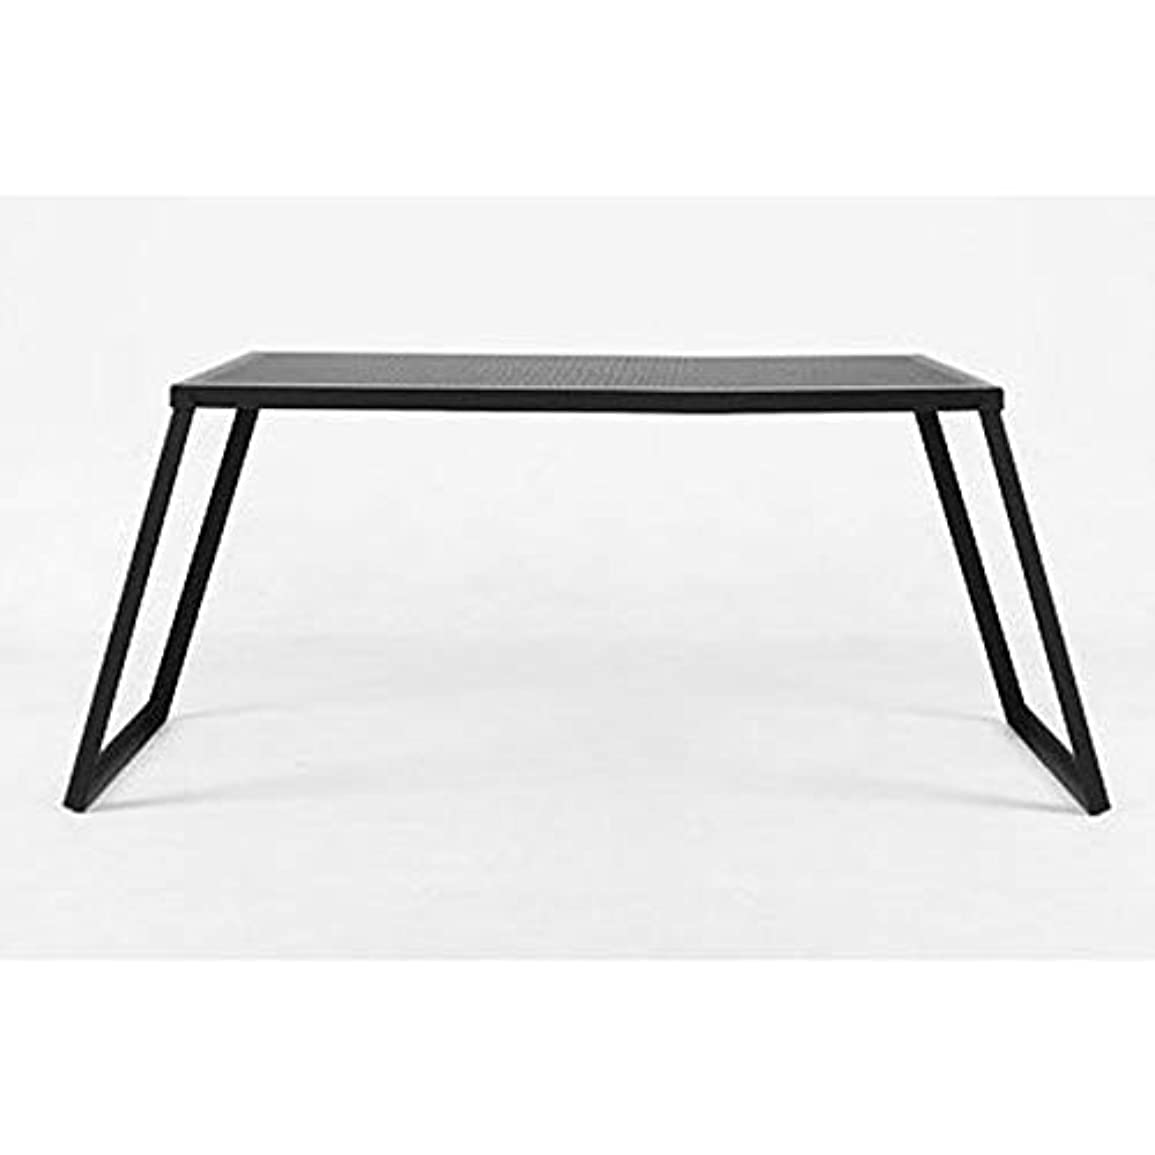 デザイナーチャンス音節オーヴィル(auvil) ブラックガーデンワイドテーブル